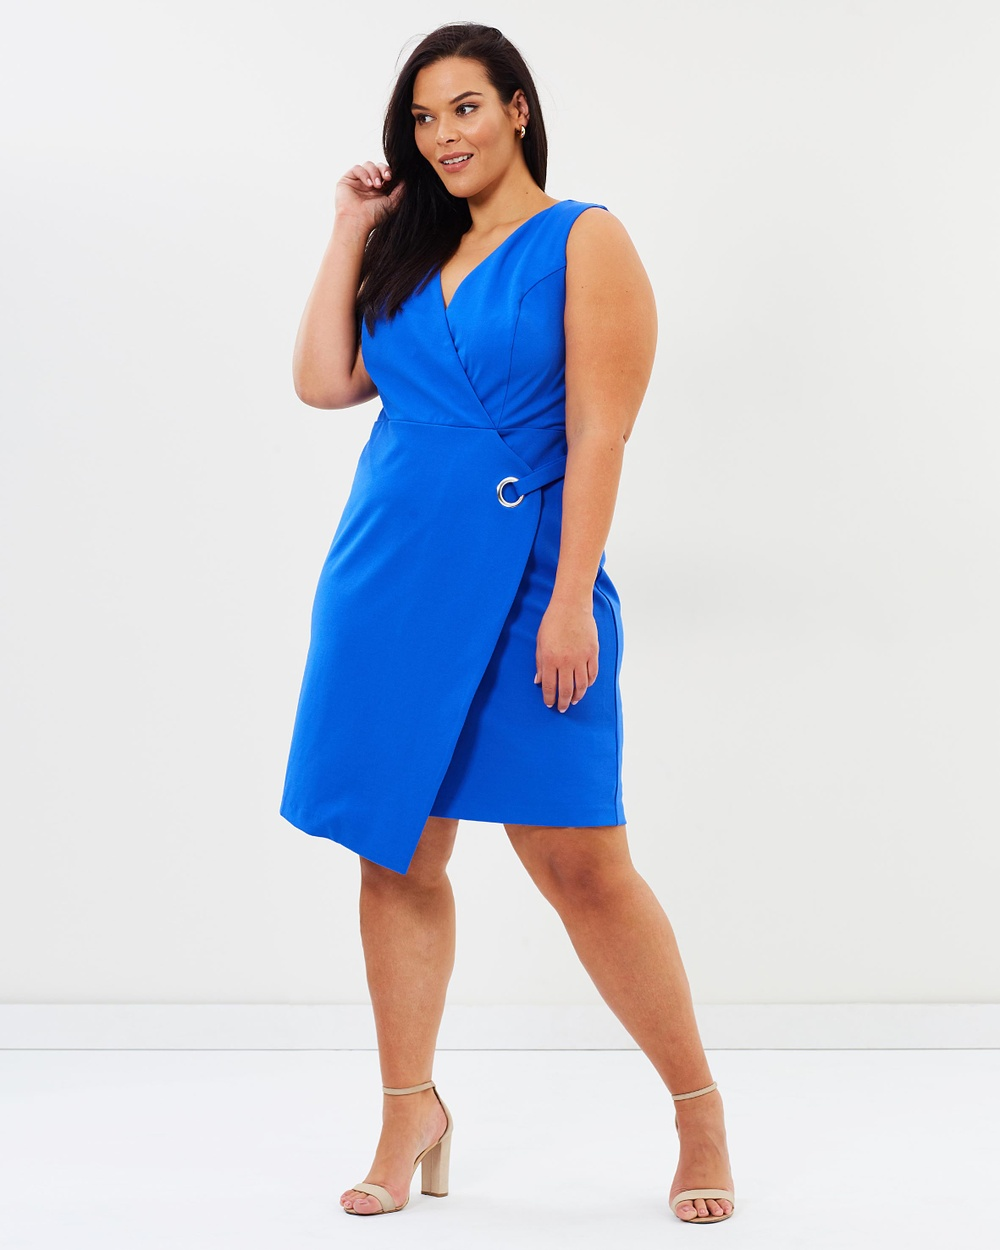 Rebel Wilson x Angels Wrap Dress with Grommet Dresses Blue Ivy Wrap Dress with Grommet